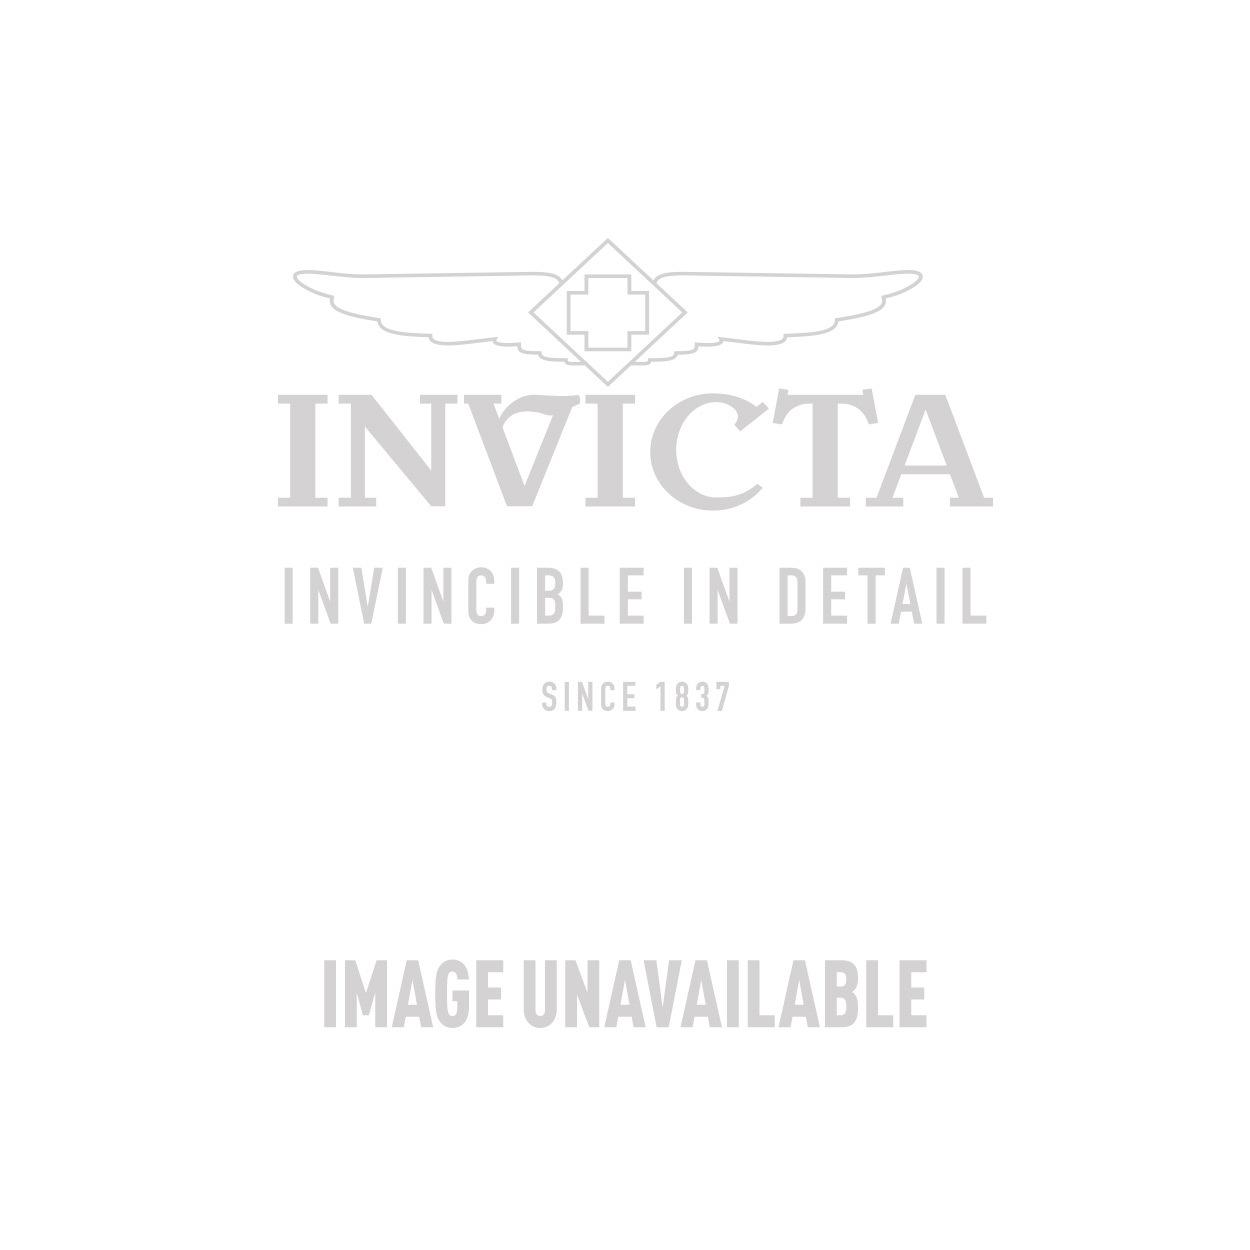 Invicta Model 28188